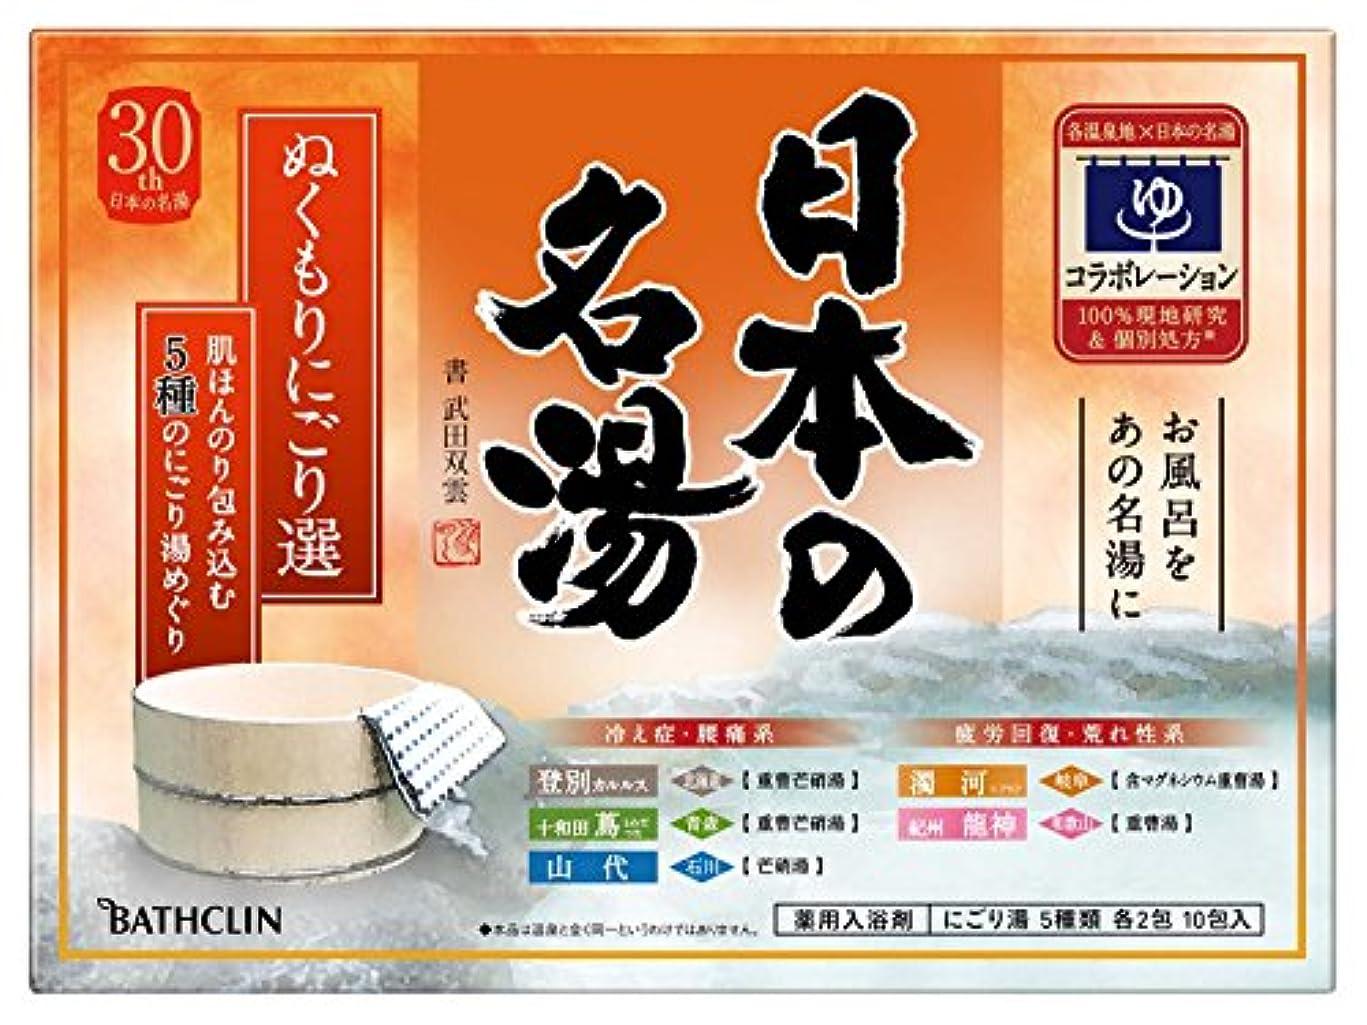 縮れた等々リーフレット【医薬部外品】日本の名湯入浴剤 ぬくもりにごり選 30g ×10包 個包装 詰め合わせ 温泉タイプ